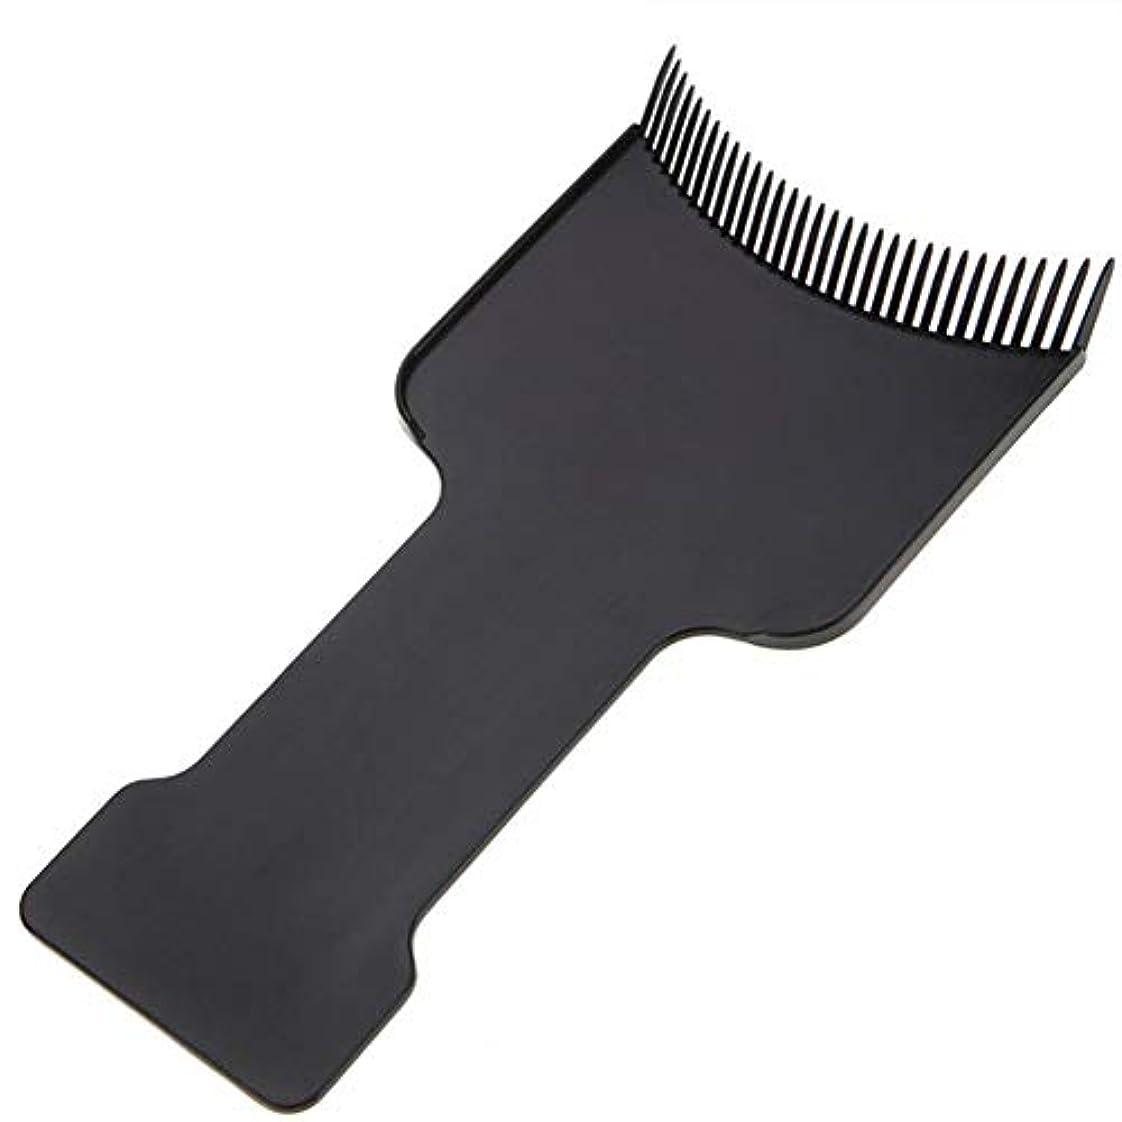 スラム必要条件記念日SILUN 理髪ヘアカラーボード 理髪サロン髪 着色染色ボードヘアトリートメントケアピックカラーボードコーム理髪ツール プロフェッショナルブラックヘアブラシボード理髪美容ツール